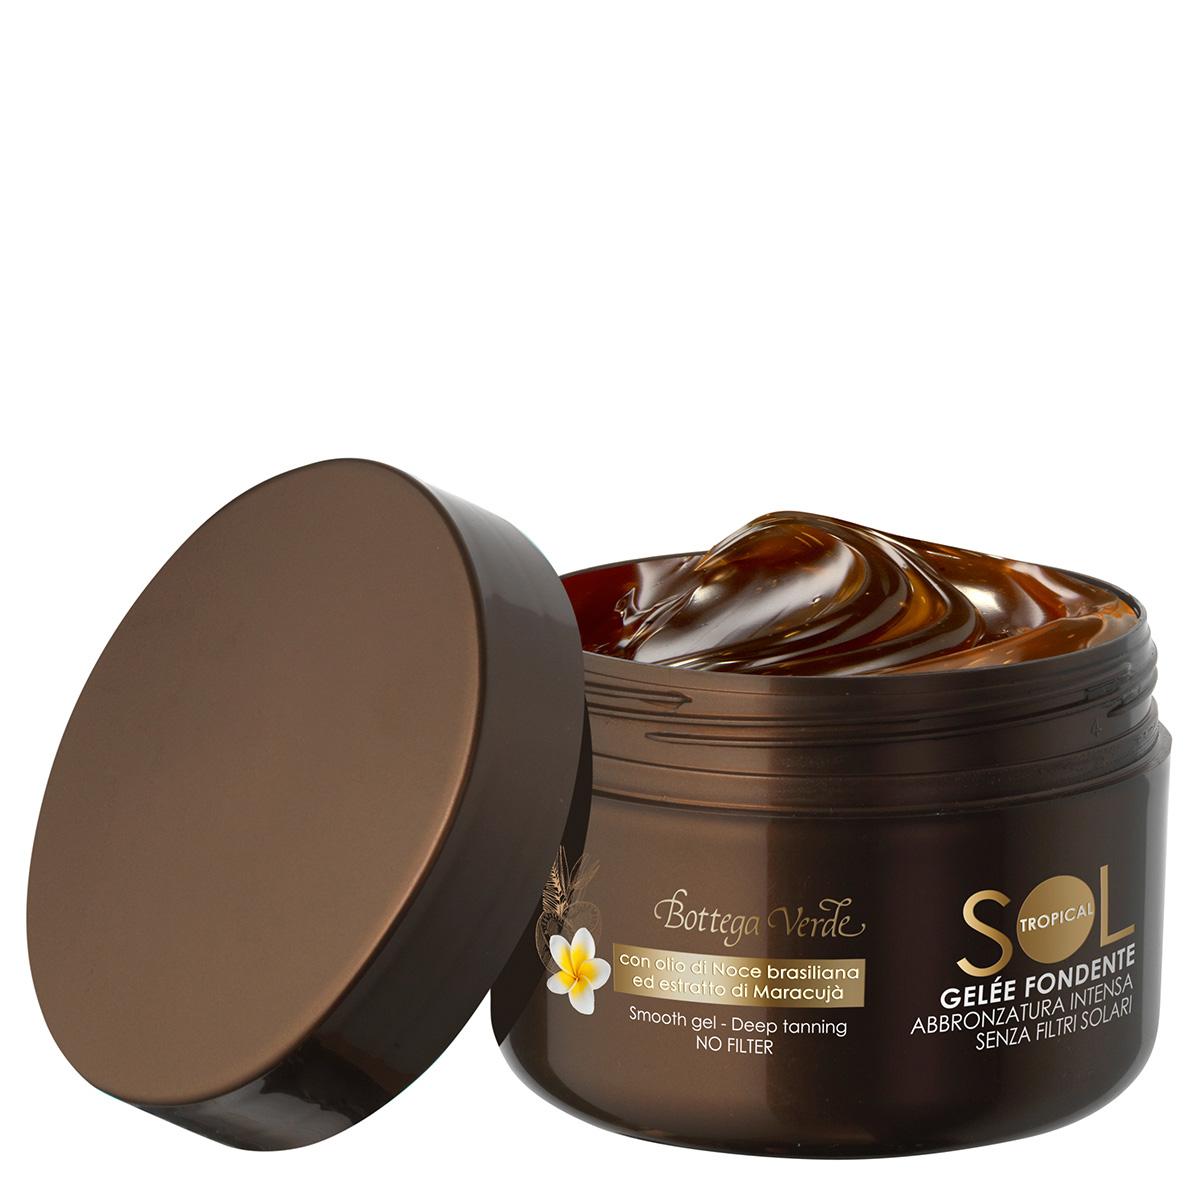 Protectie solara - Crema-gel pentru un bronz intens, fara protectie solara, cu ulei de nuci de Brazilia si extract de maracuja